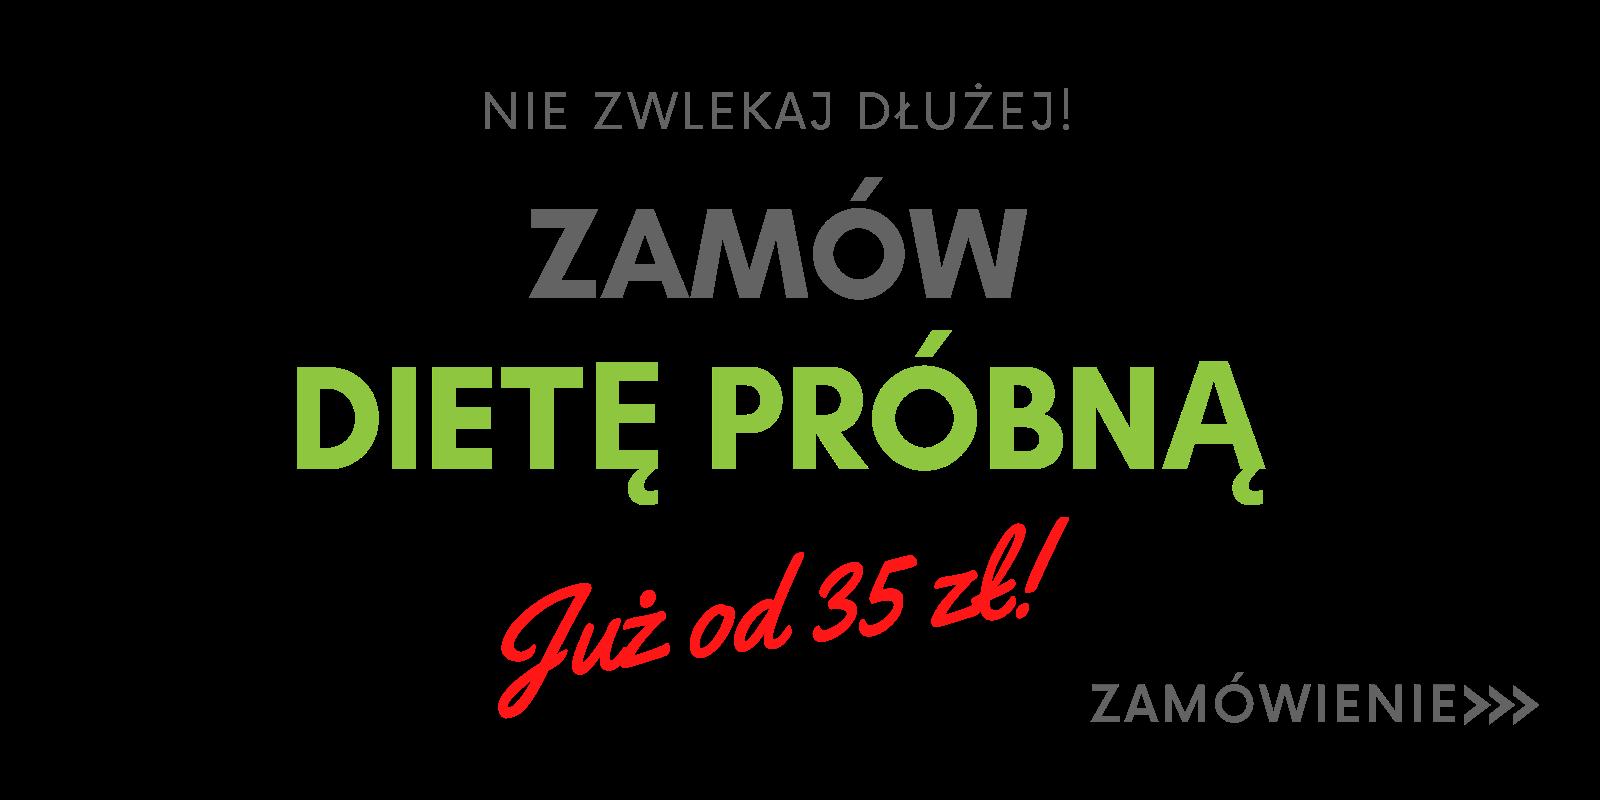 strona_glowna_dieta_probna (3)